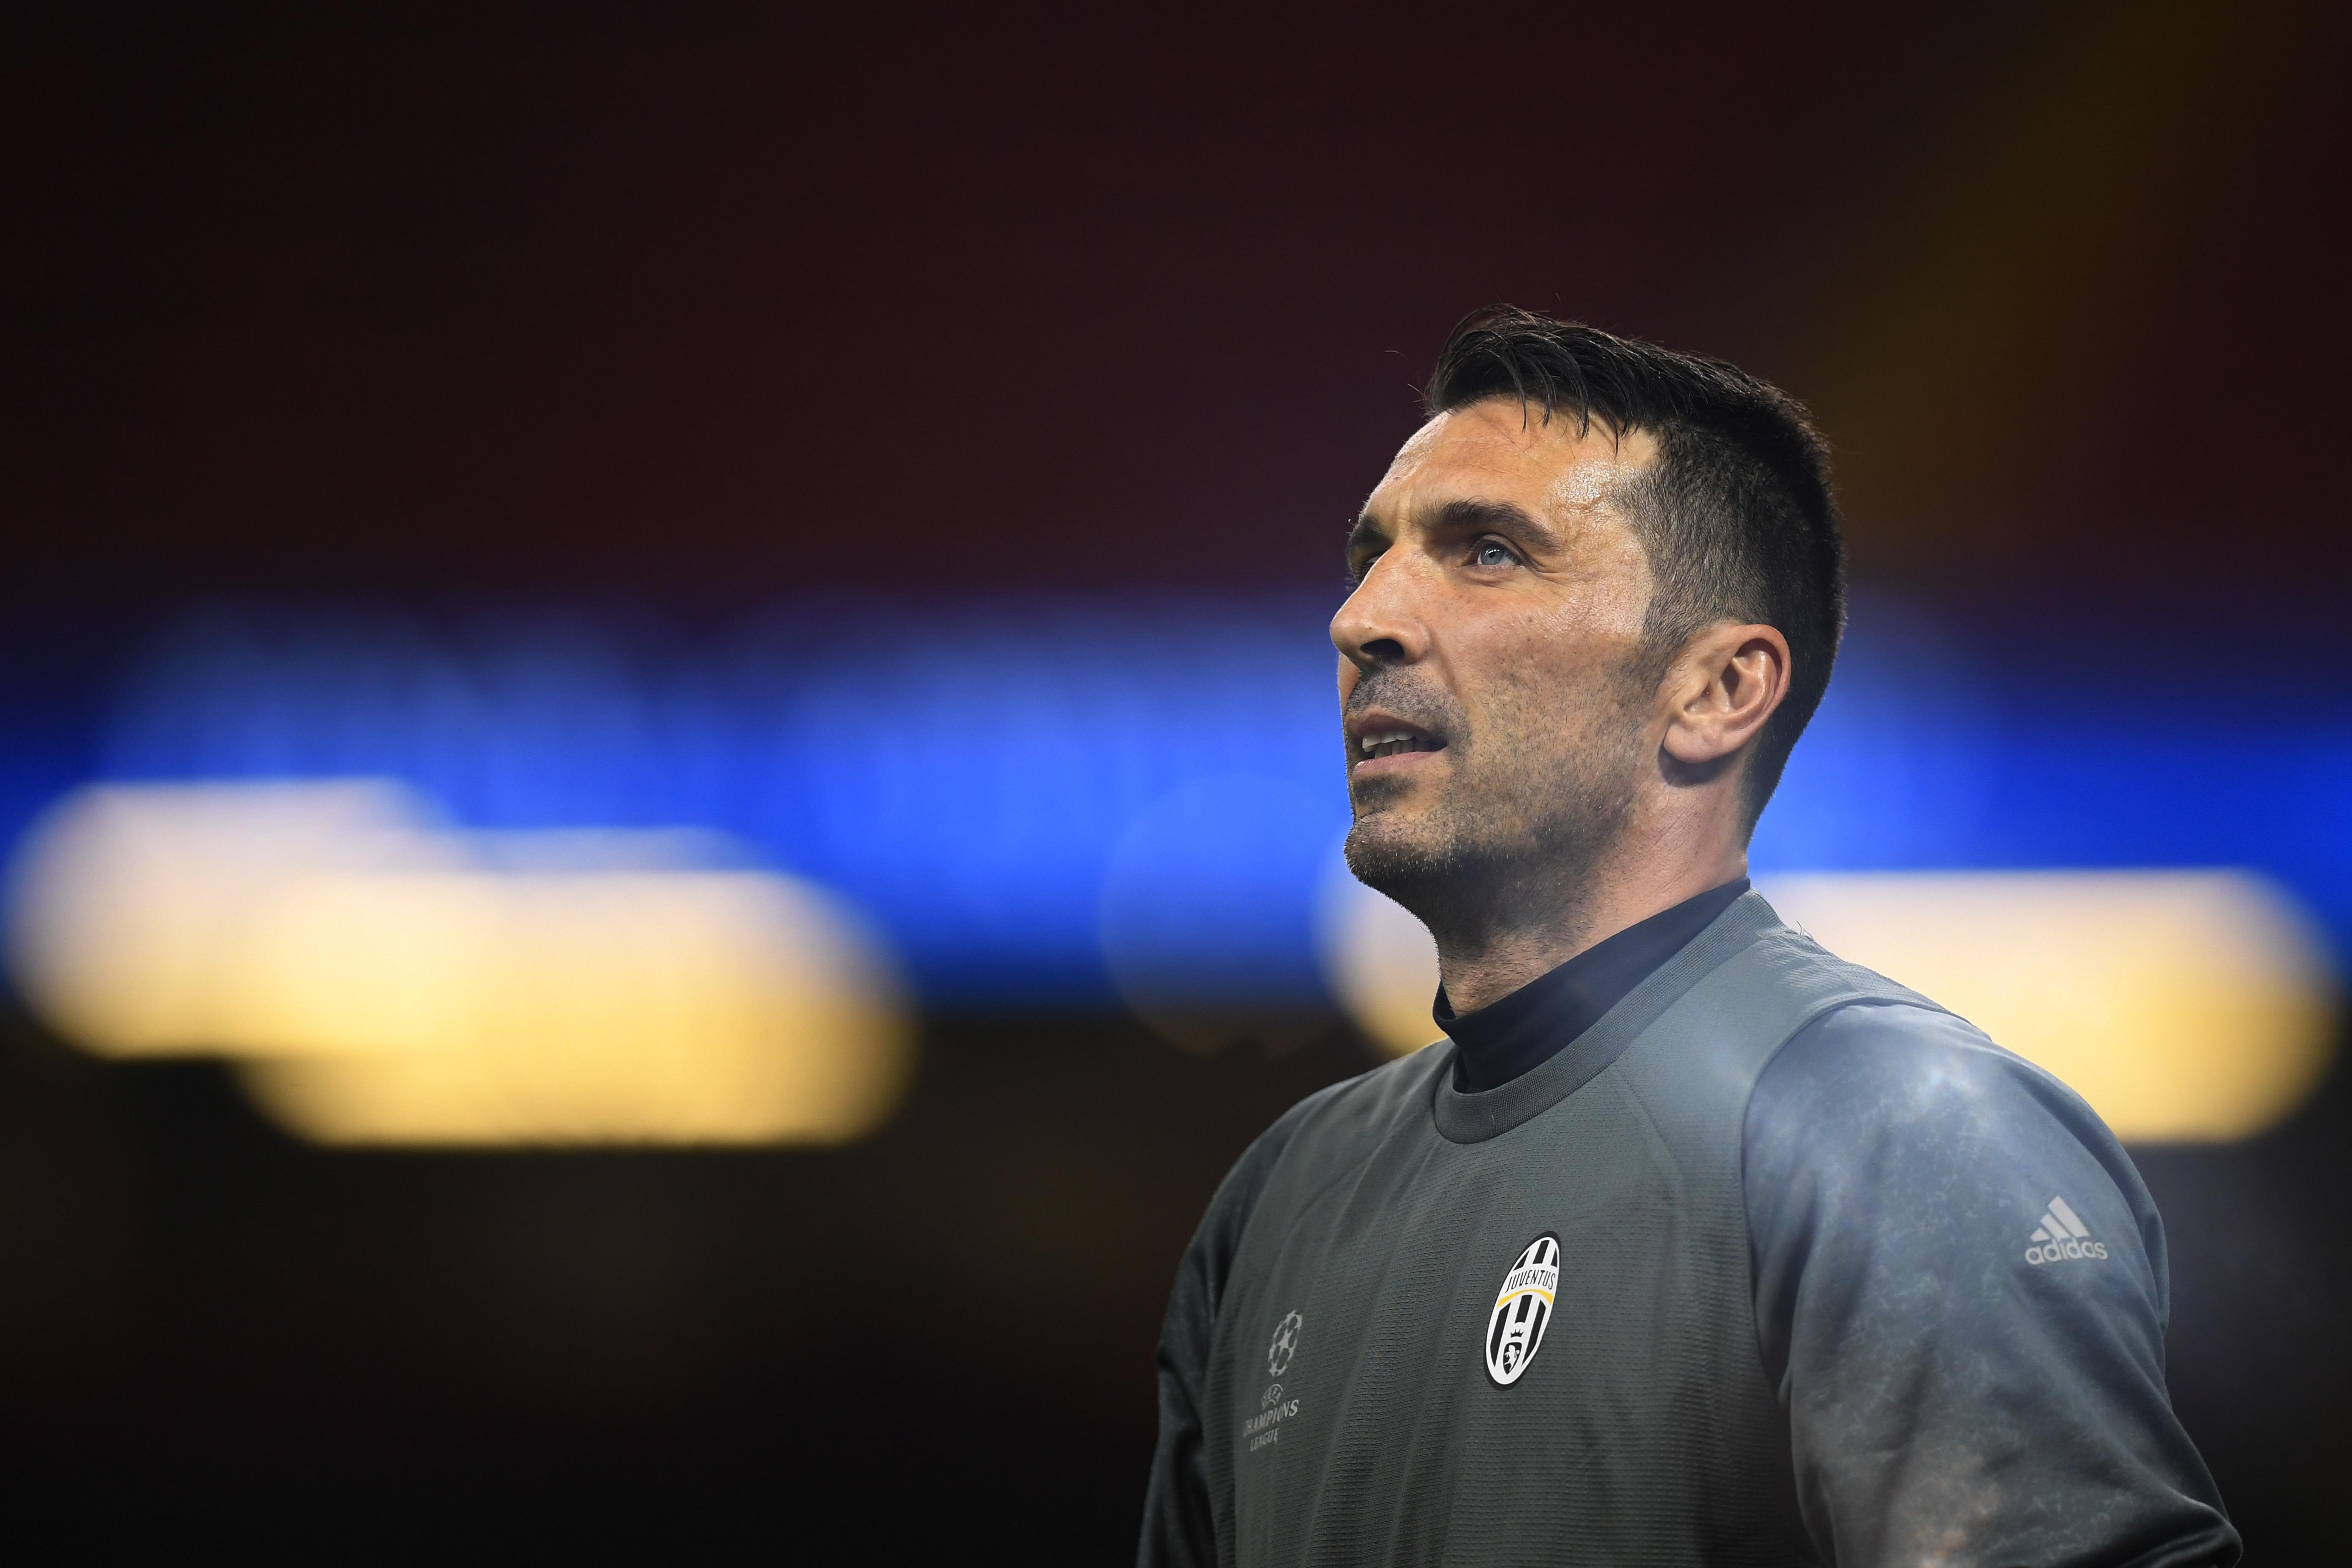 buffon retire, buffon age, buffon experience, buffon career